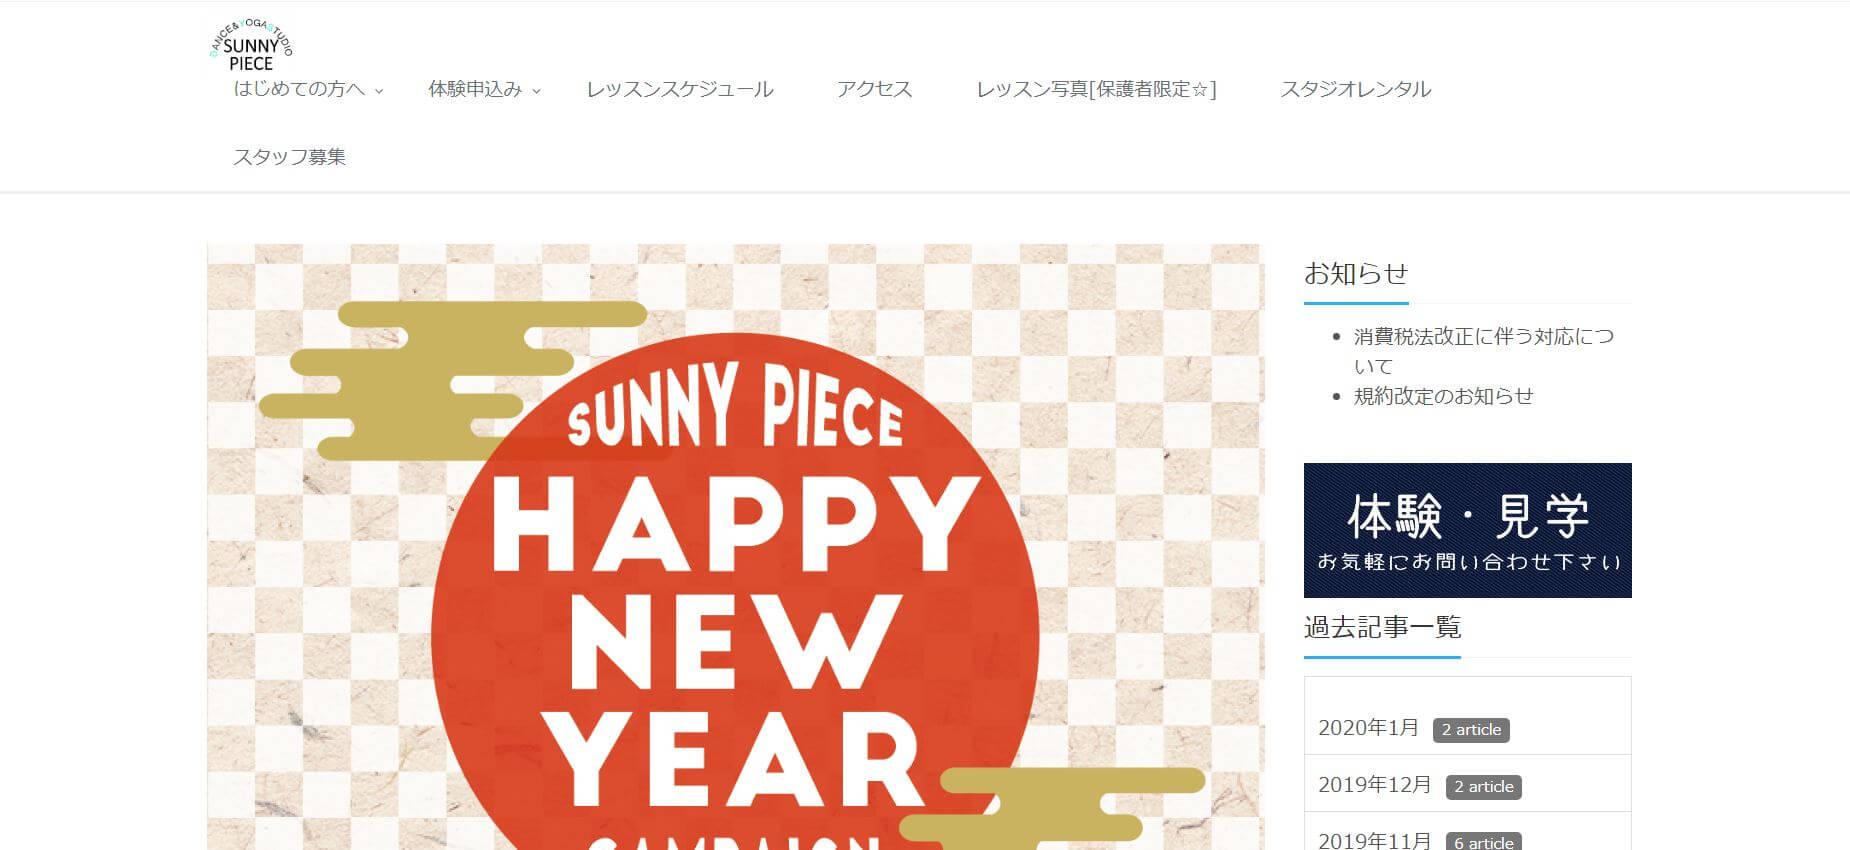 sunny piece